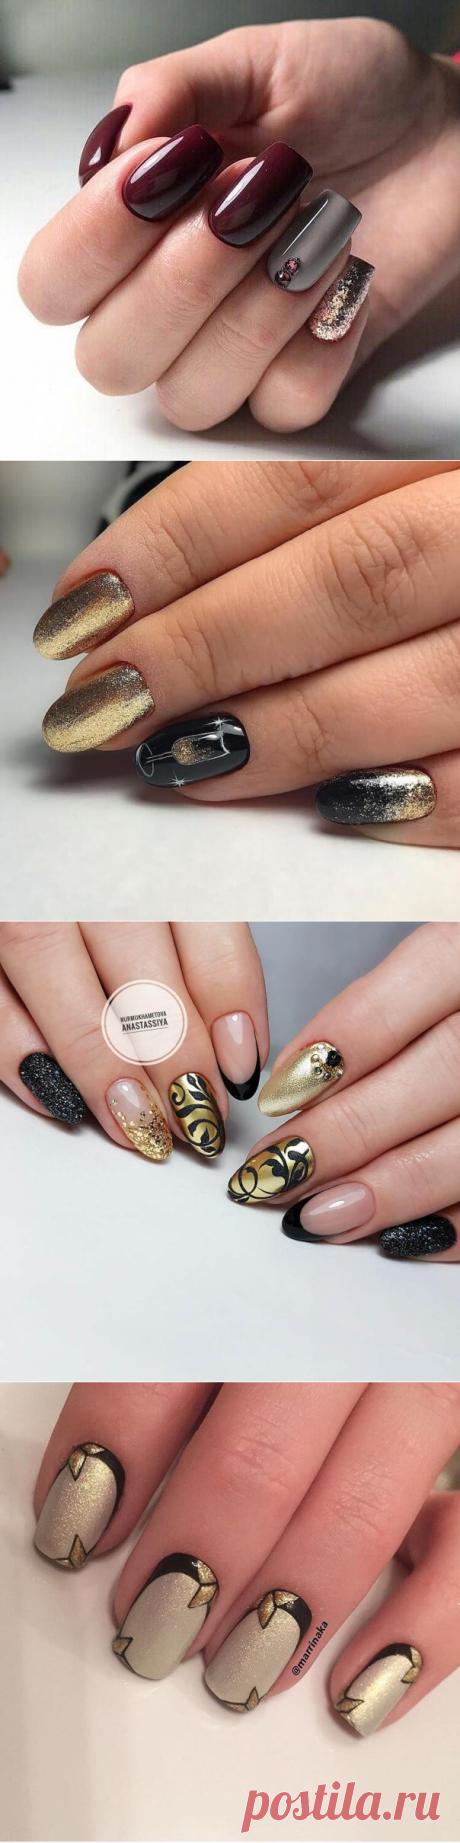 Золотой маникюр - фото идей дизайна ногтей - Best Маникюр